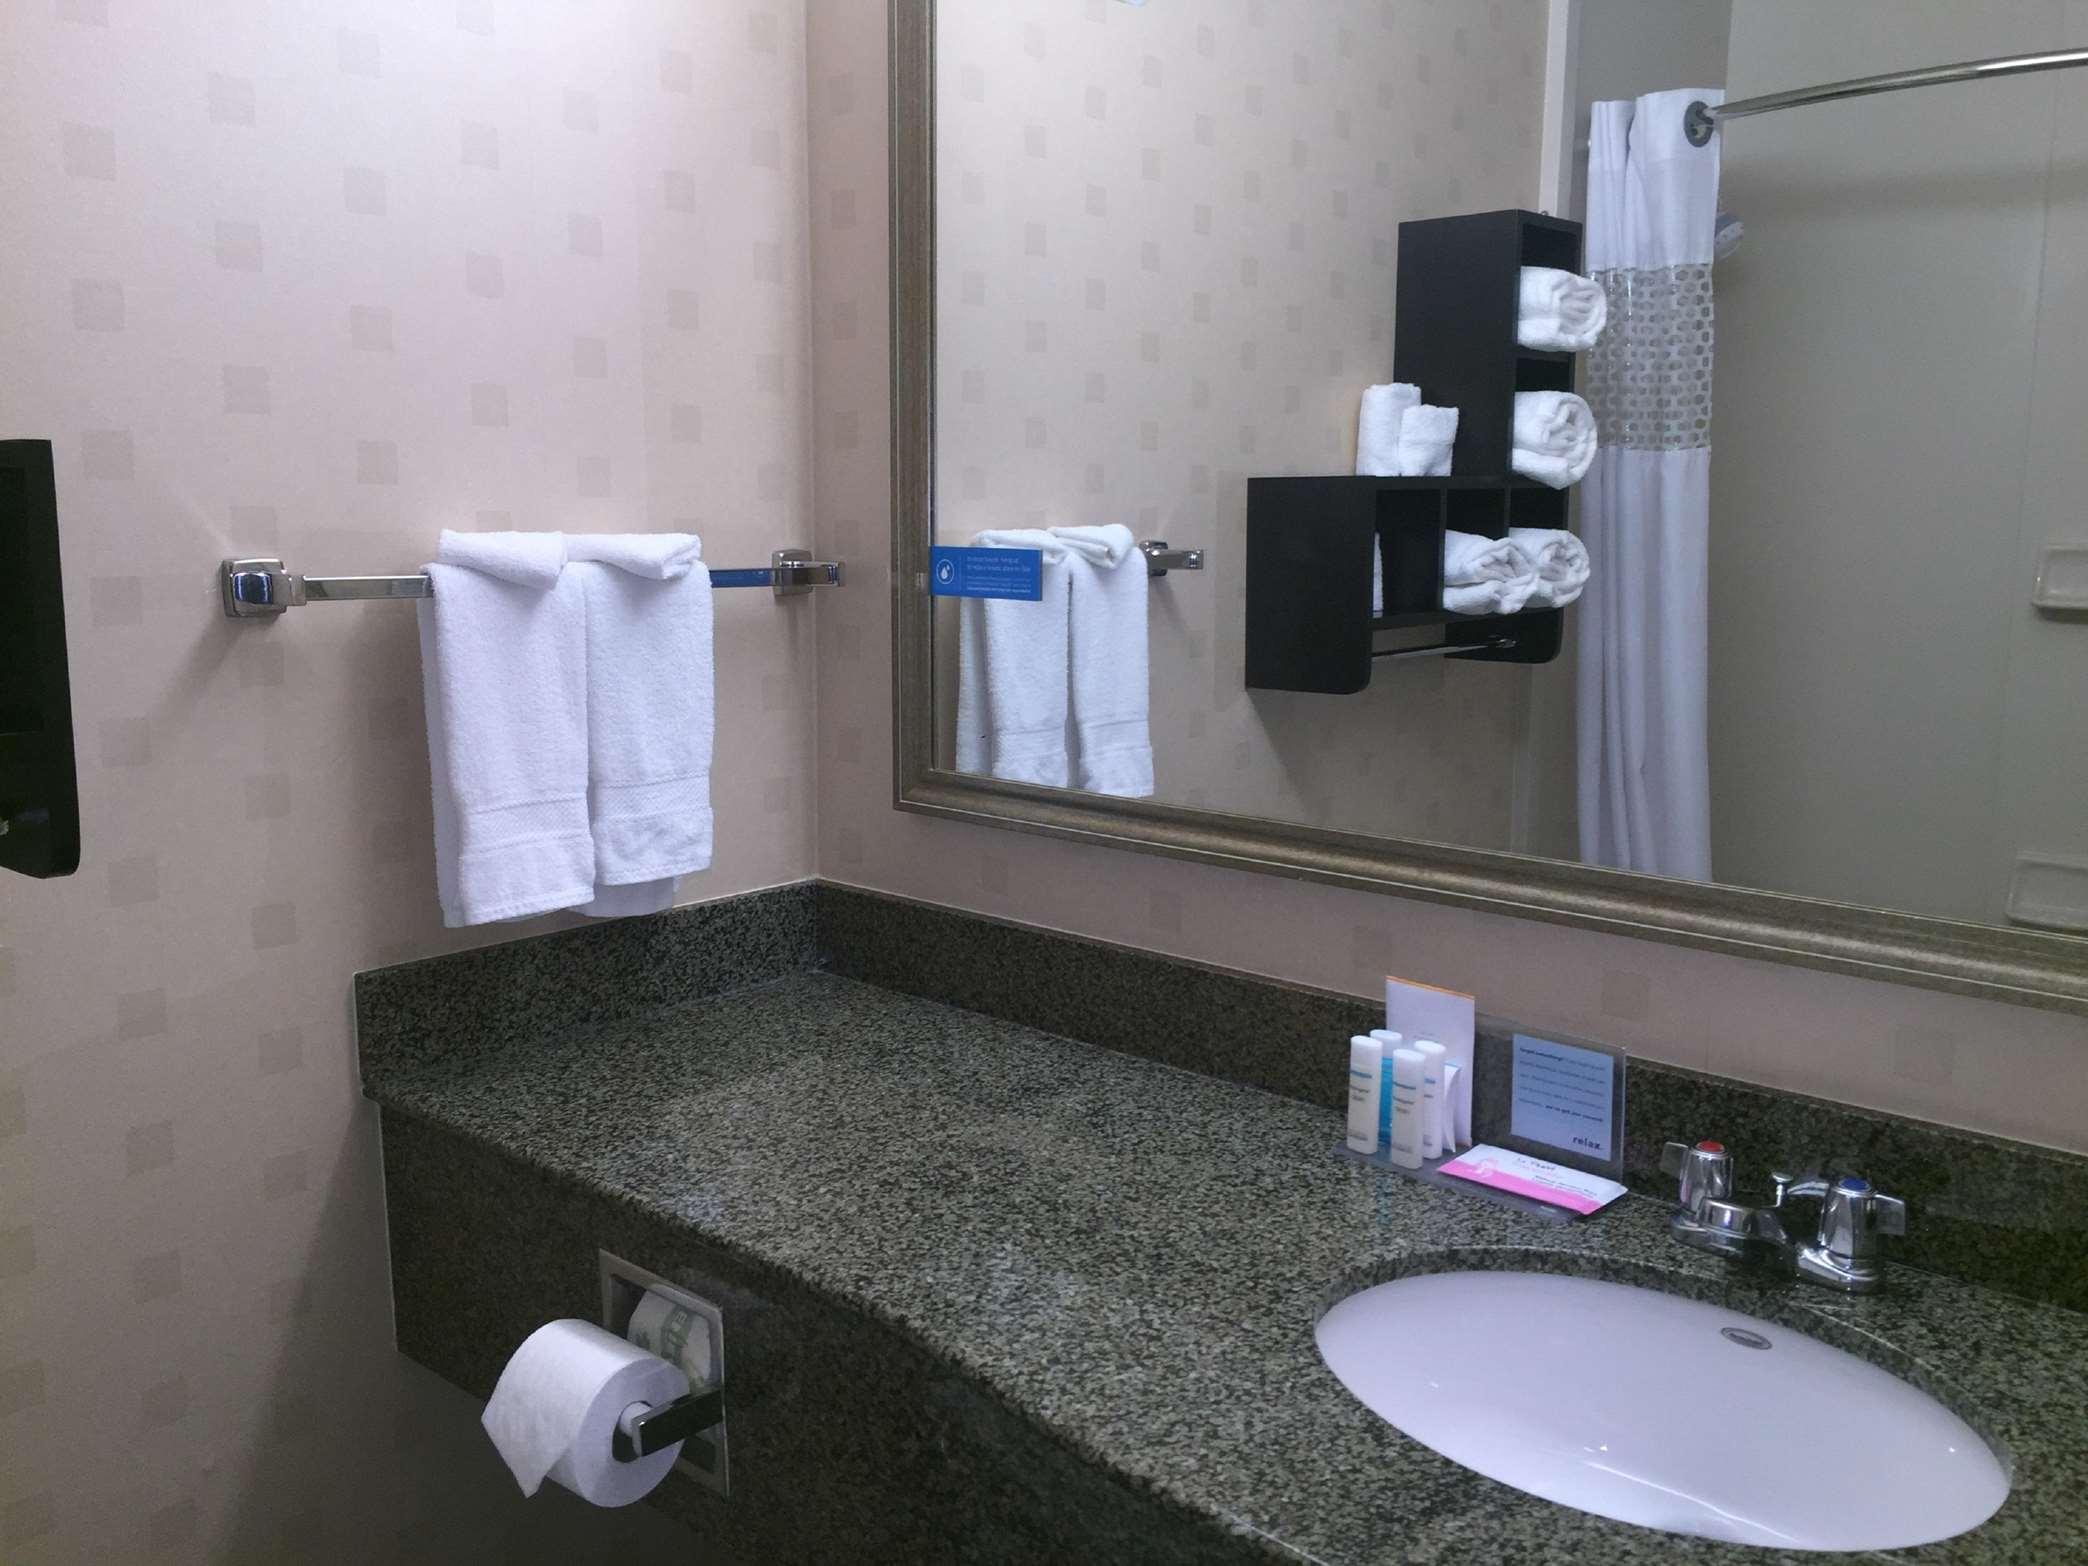 Hampton Inn & Suites Mountain View image 32